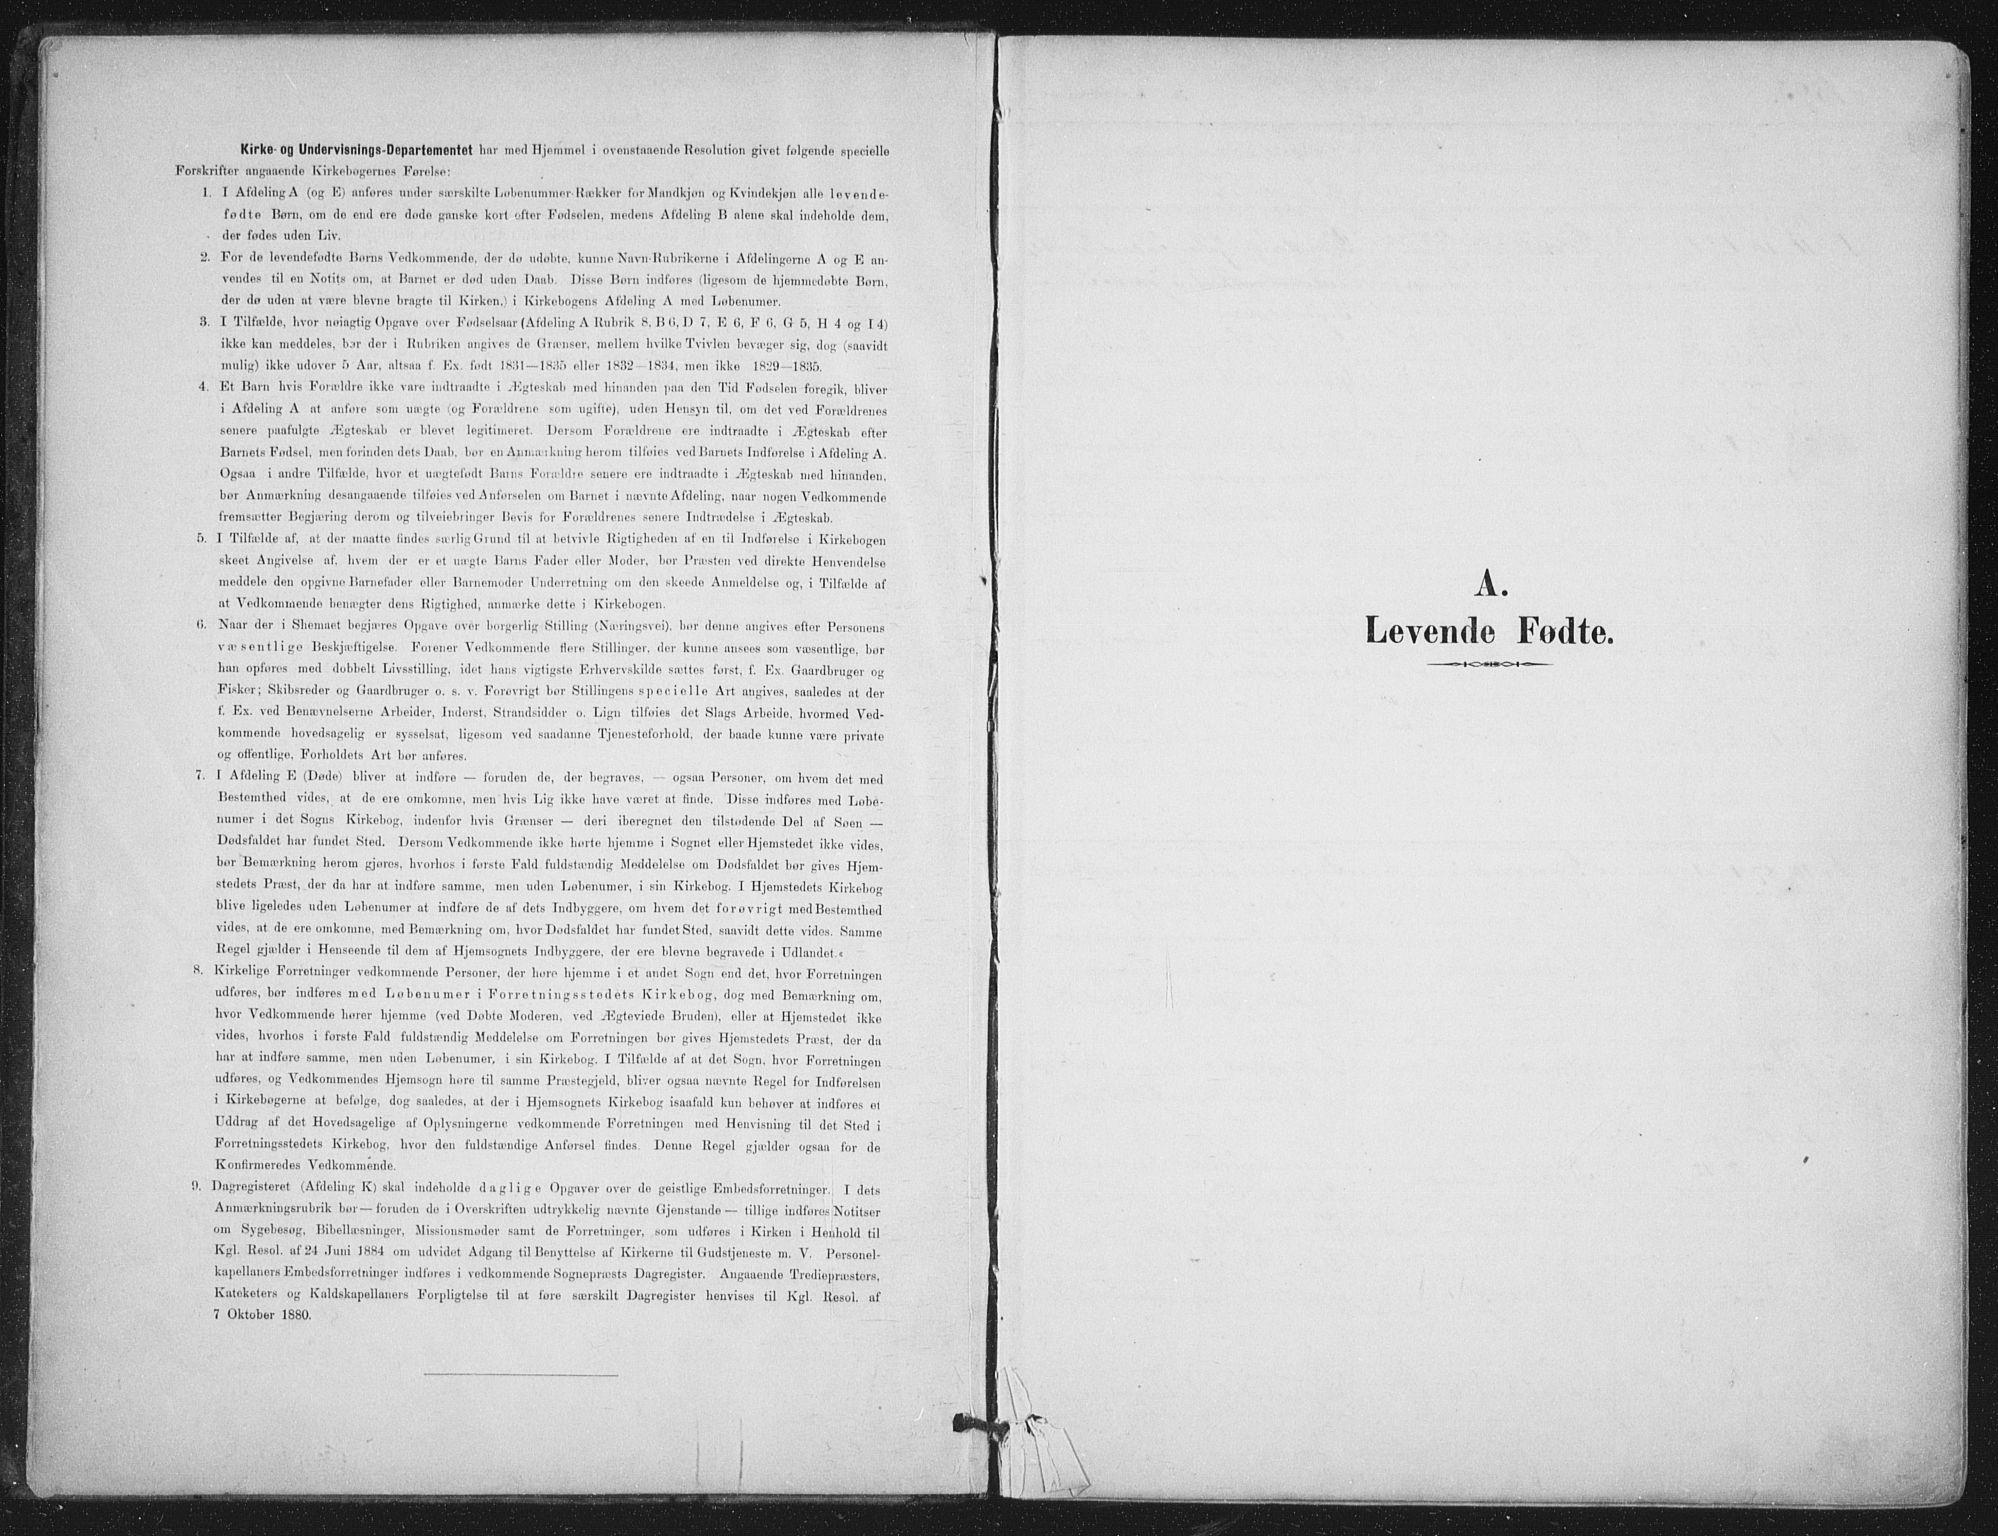 SAT, Ministerialprotokoller, klokkerbøker og fødselsregistre - Nord-Trøndelag, 703/L0031: Ministerialbok nr. 703A04, 1893-1914